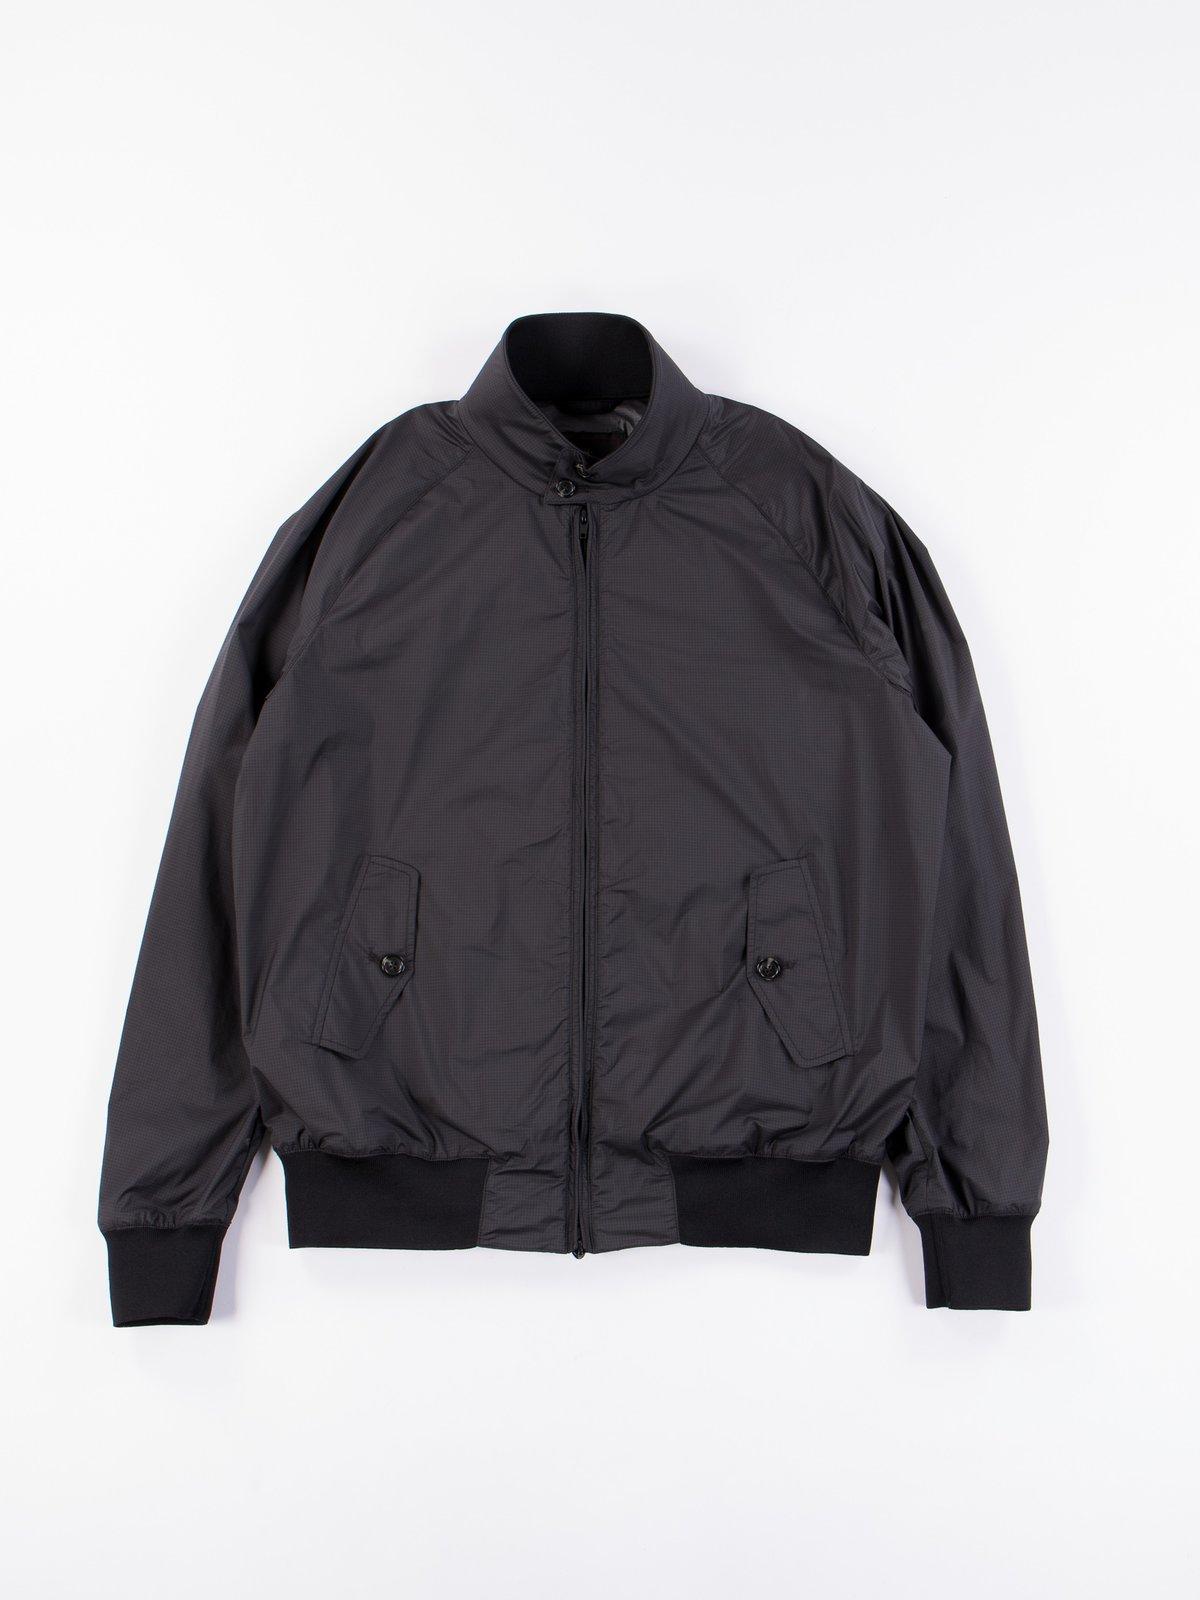 Mini Grey Check G9 EG Jacket - Image 1